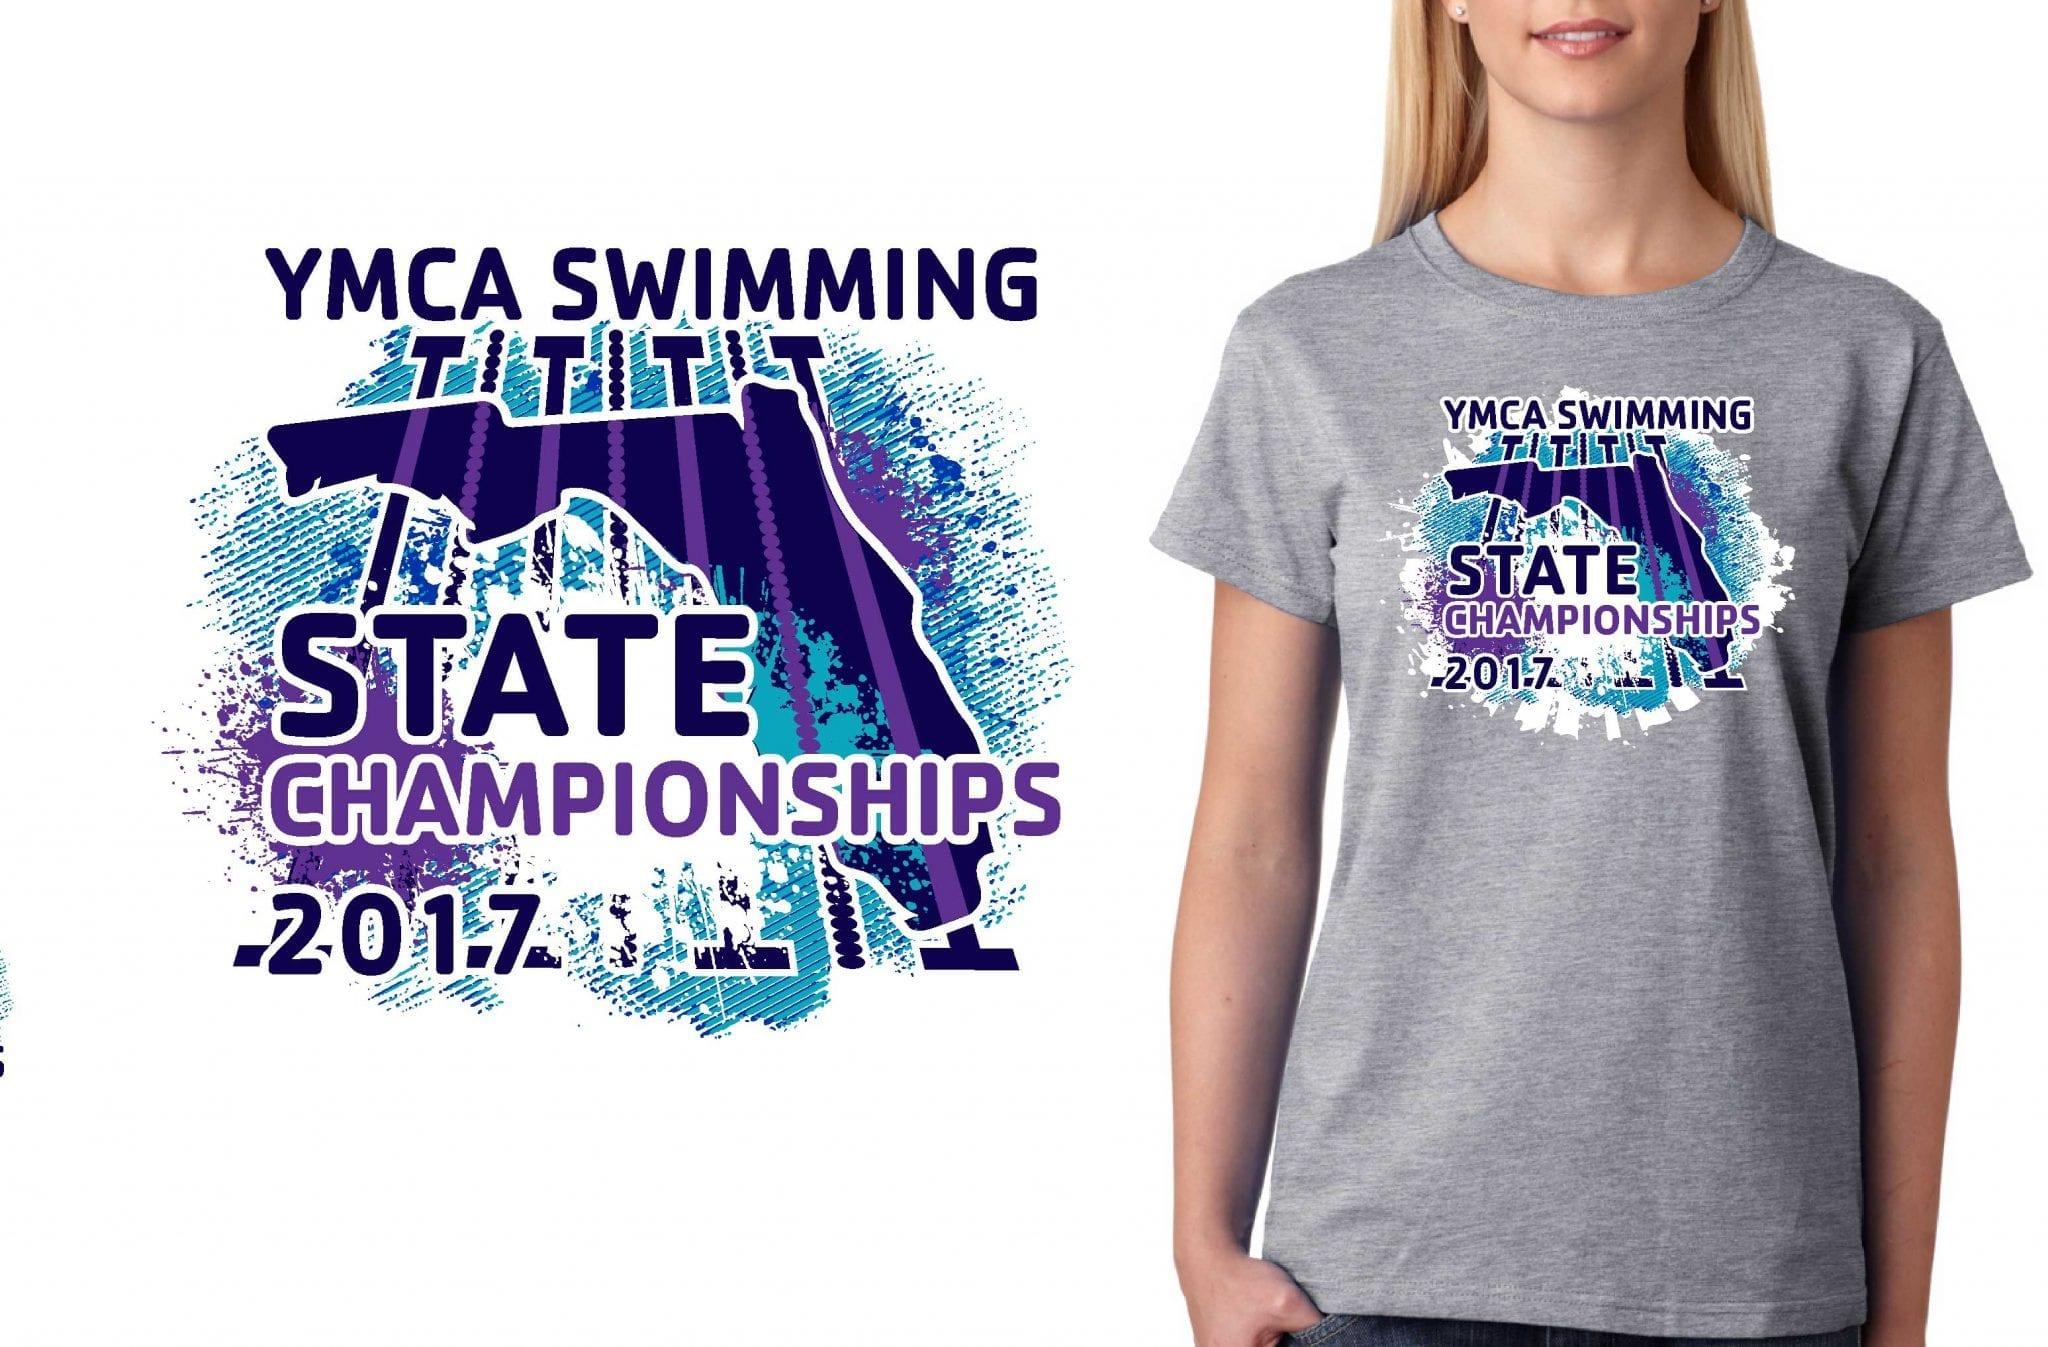 SWIMMING TSHIRT LOGO DESIGN YMCA-Swimming-State-Championships UrArtStudio